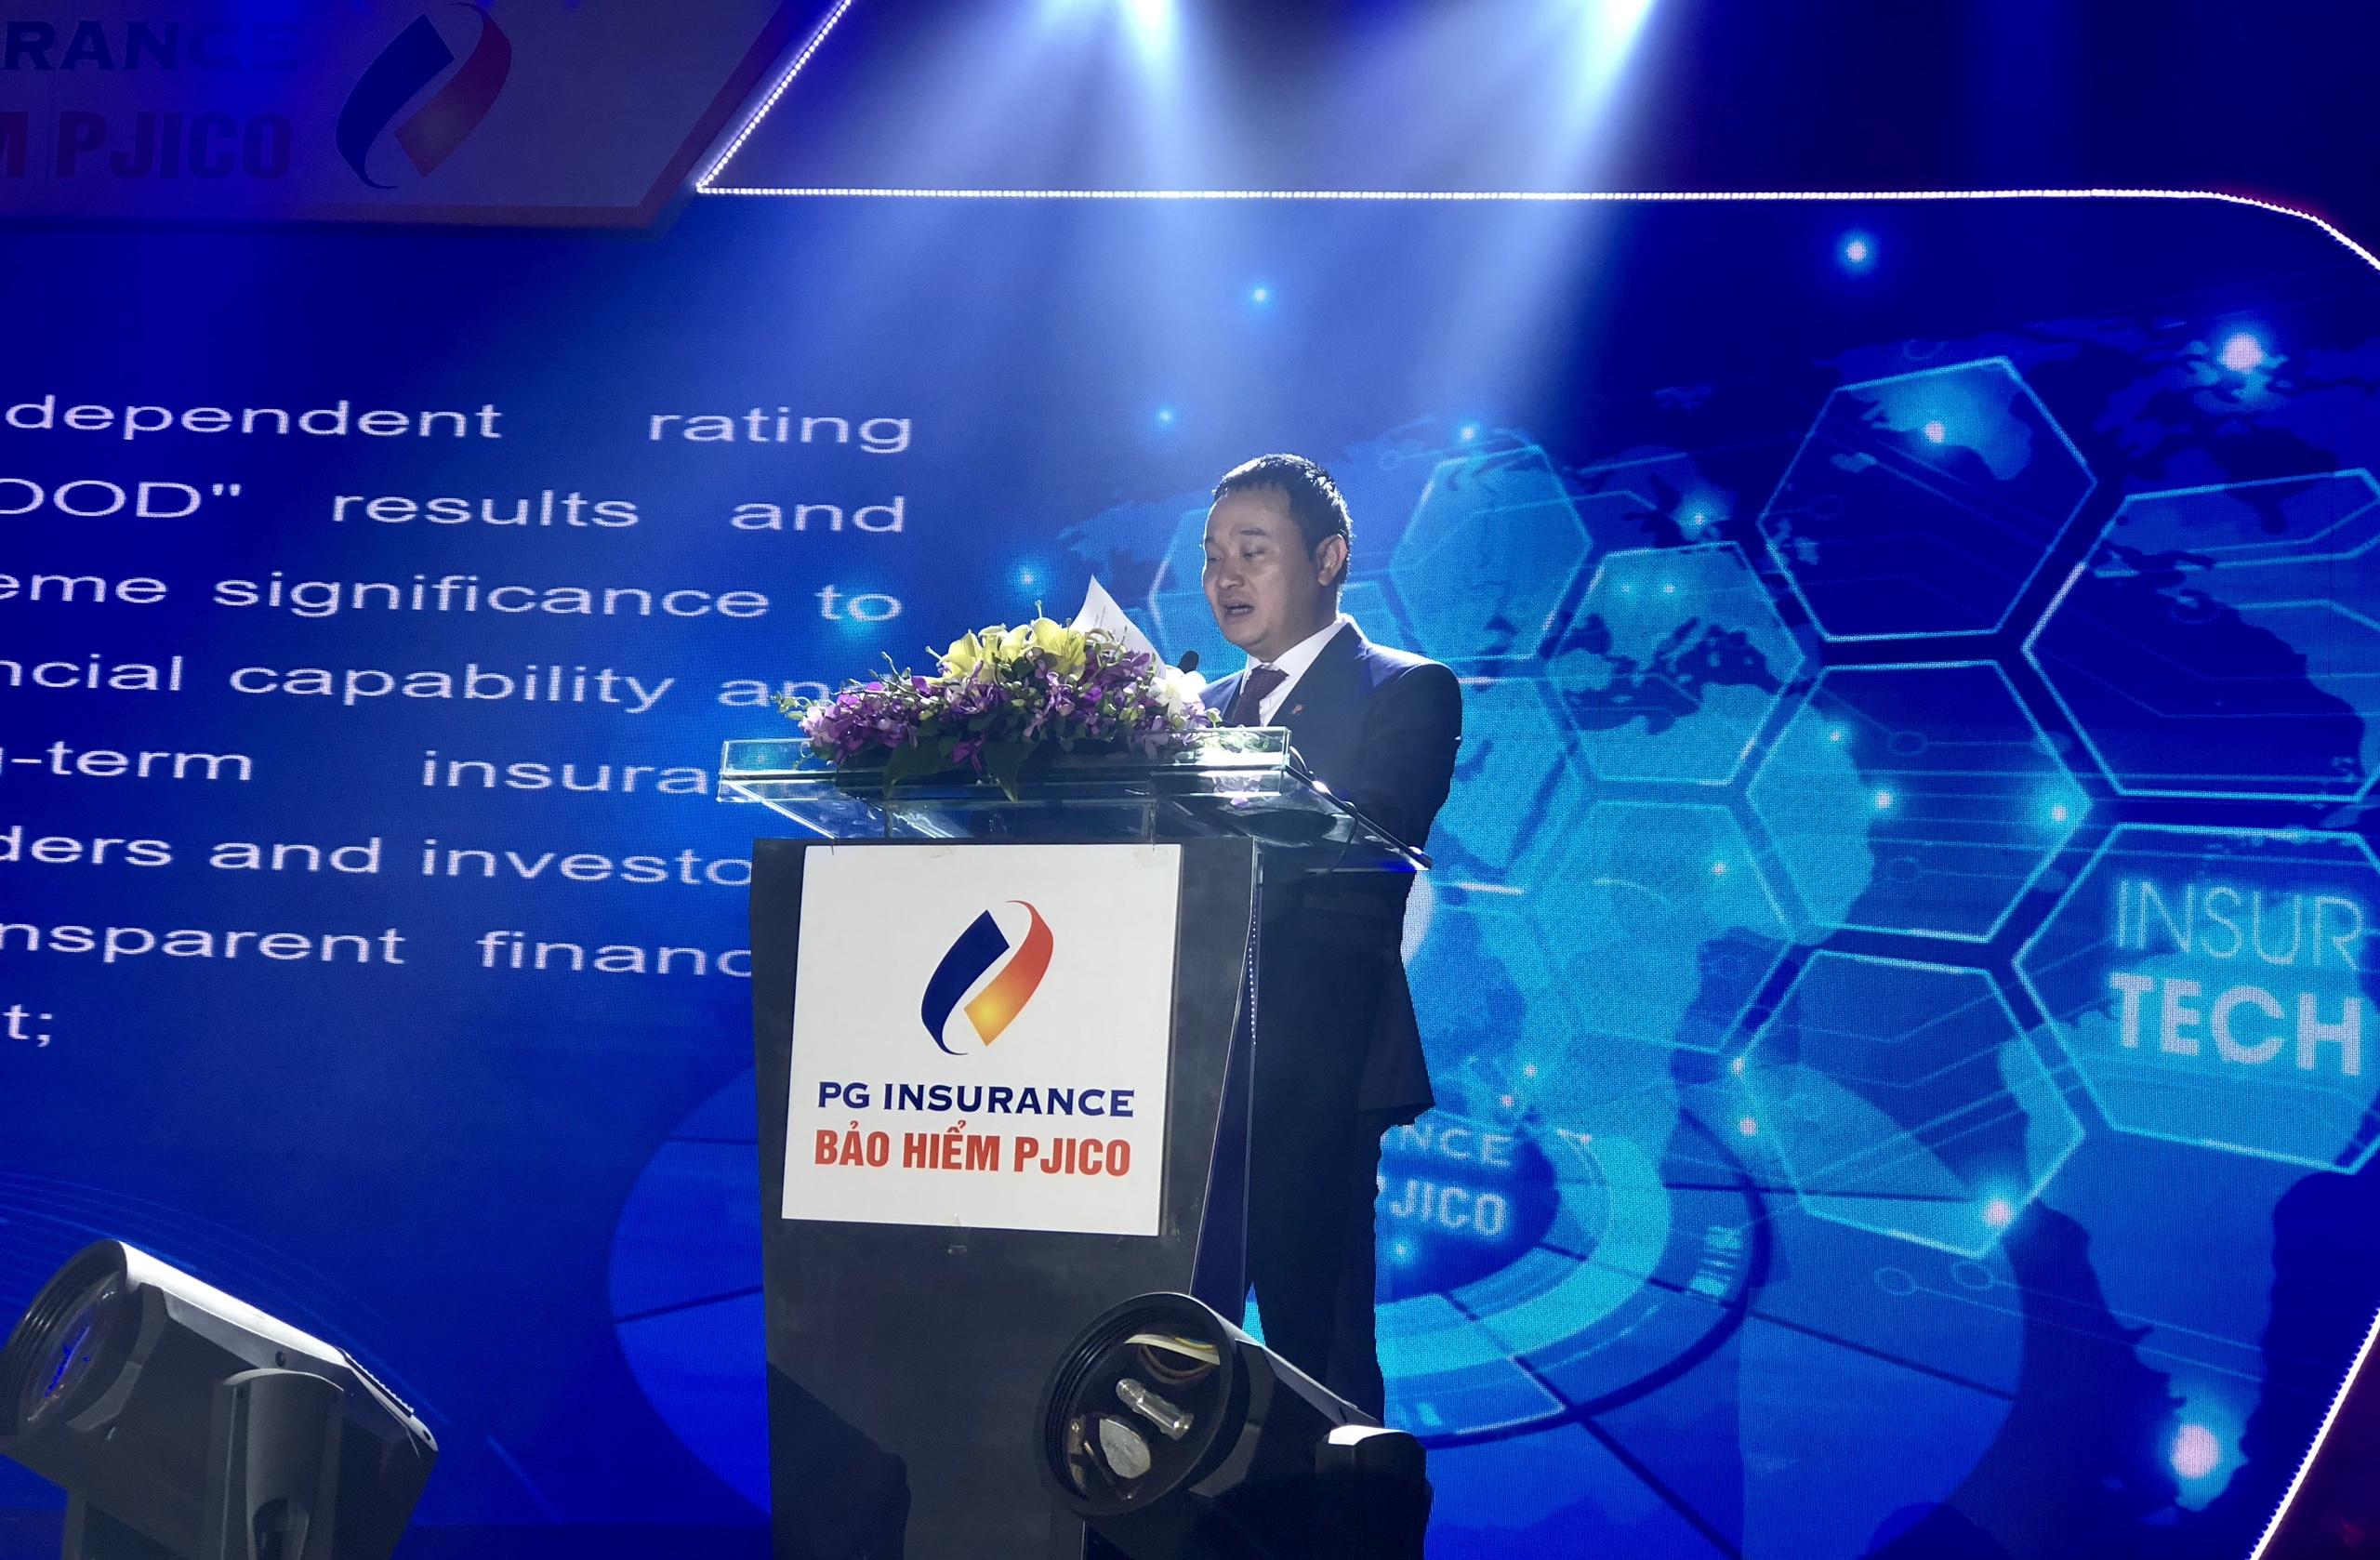 """Tổng Công ty cổ phần Bảo hiểm Petrolimex (PJICO) tổ chức """"Lễ công bố kết quả xếp hạng tín nhiệm quốc tế, Hội nghị khách hàng và Hội nghị các nhà đầu tư"""""""